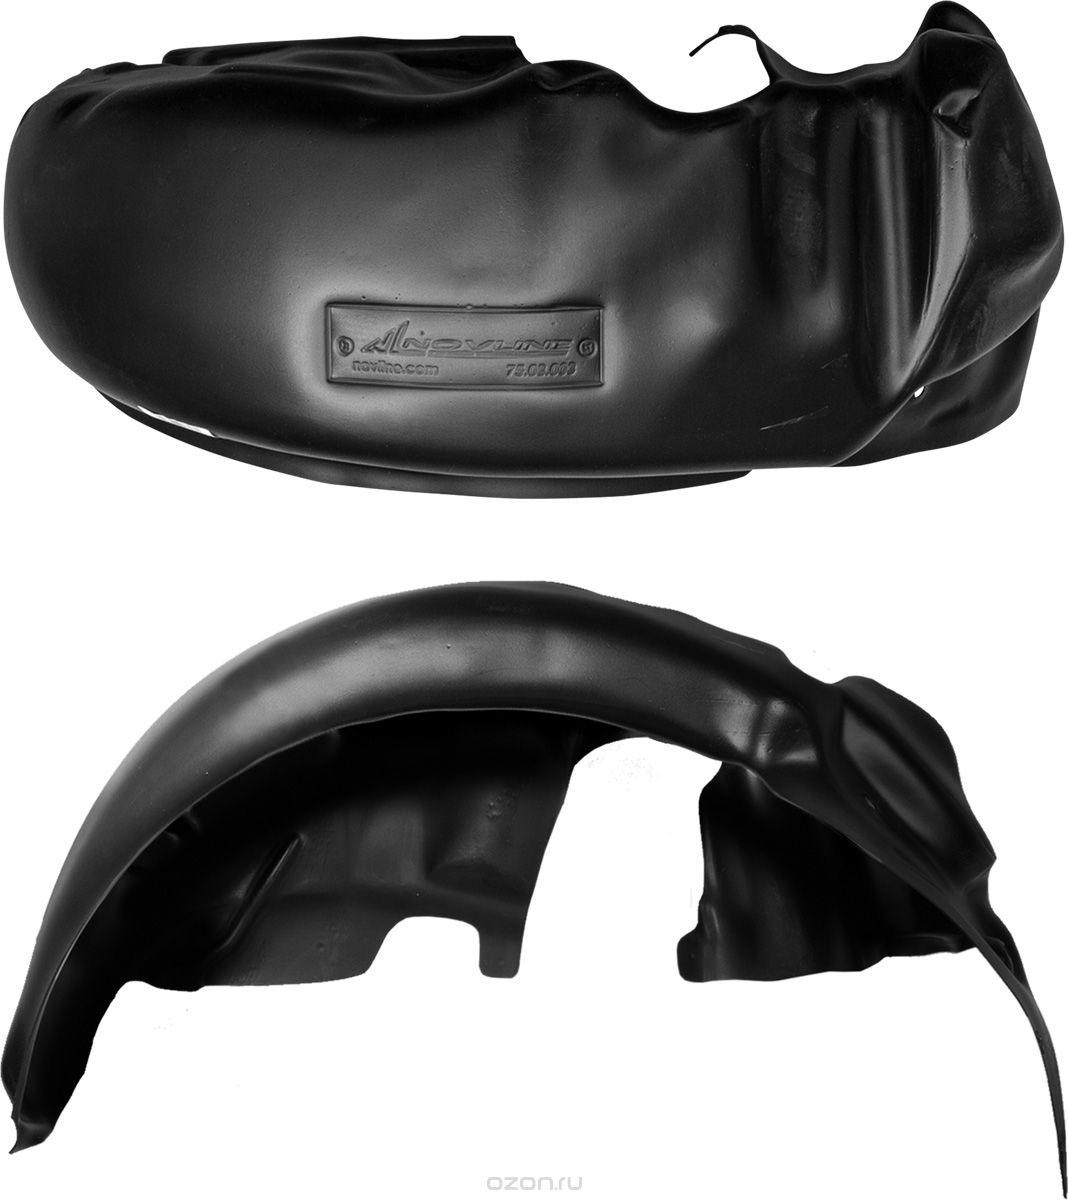 Подкрылок Novline-Autofamily, для HYUNDAI i30 2007-2011, передний левыйNLL.20.28.001Идеальная защита колесной ниши. Локеры разработаны с применением цифровых технологий, гарантируют максимальную повторяемость поверхности арки. Изделия устанавливаются без нарушения лакокрасочного покрытия автомобиля, каждый подкрылок комплектуется крепежом. Уважаемые клиенты, обращаем ваше внимание, что фотографии на подкрылки универсальные и не отражают реальную форму изделия. При этом само изделие идет точно под размер указанного автомобиля.